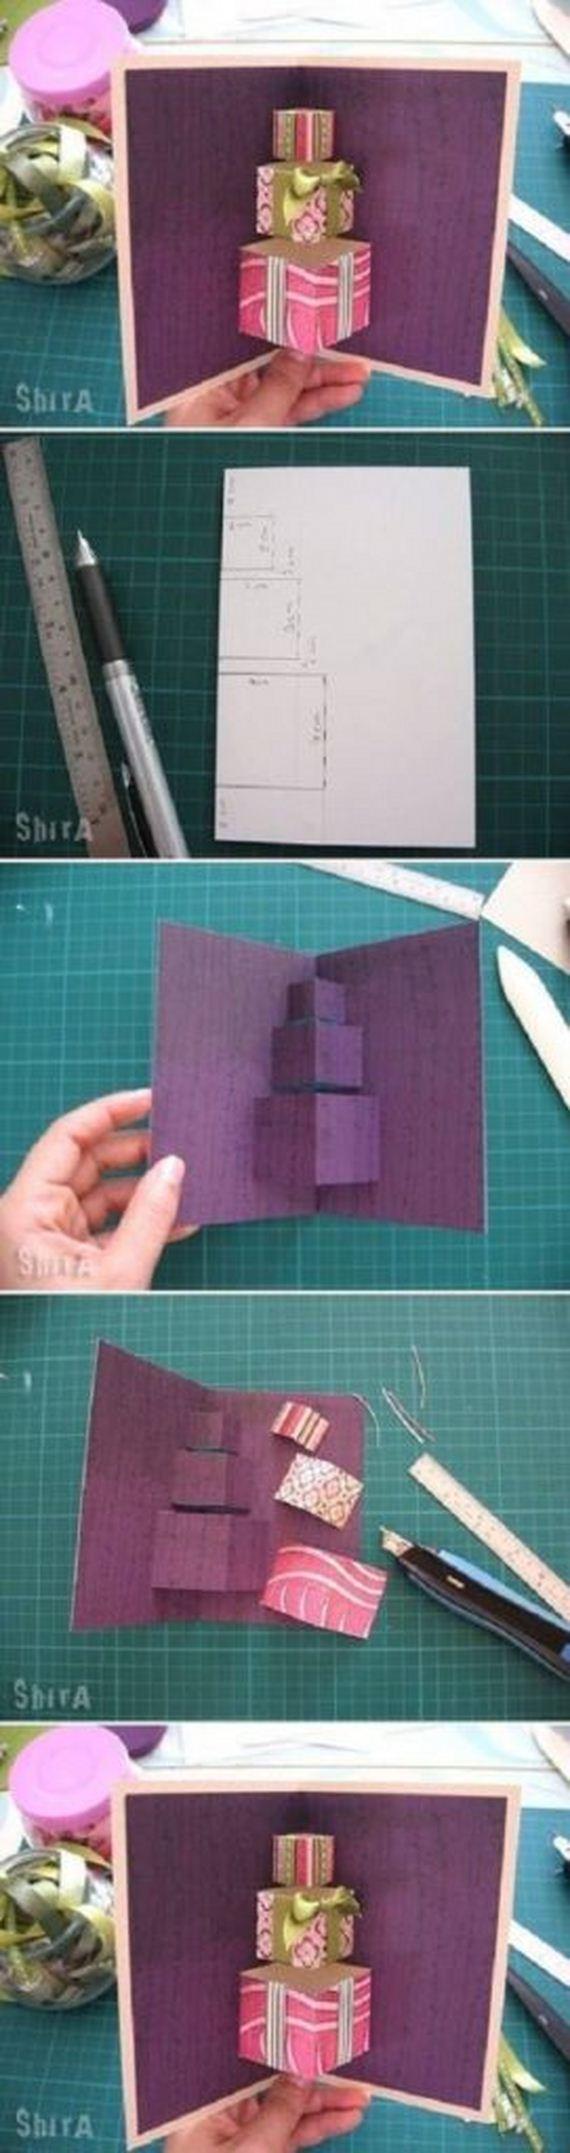 15-Cute-DIY-Birthday-Card-Ideas